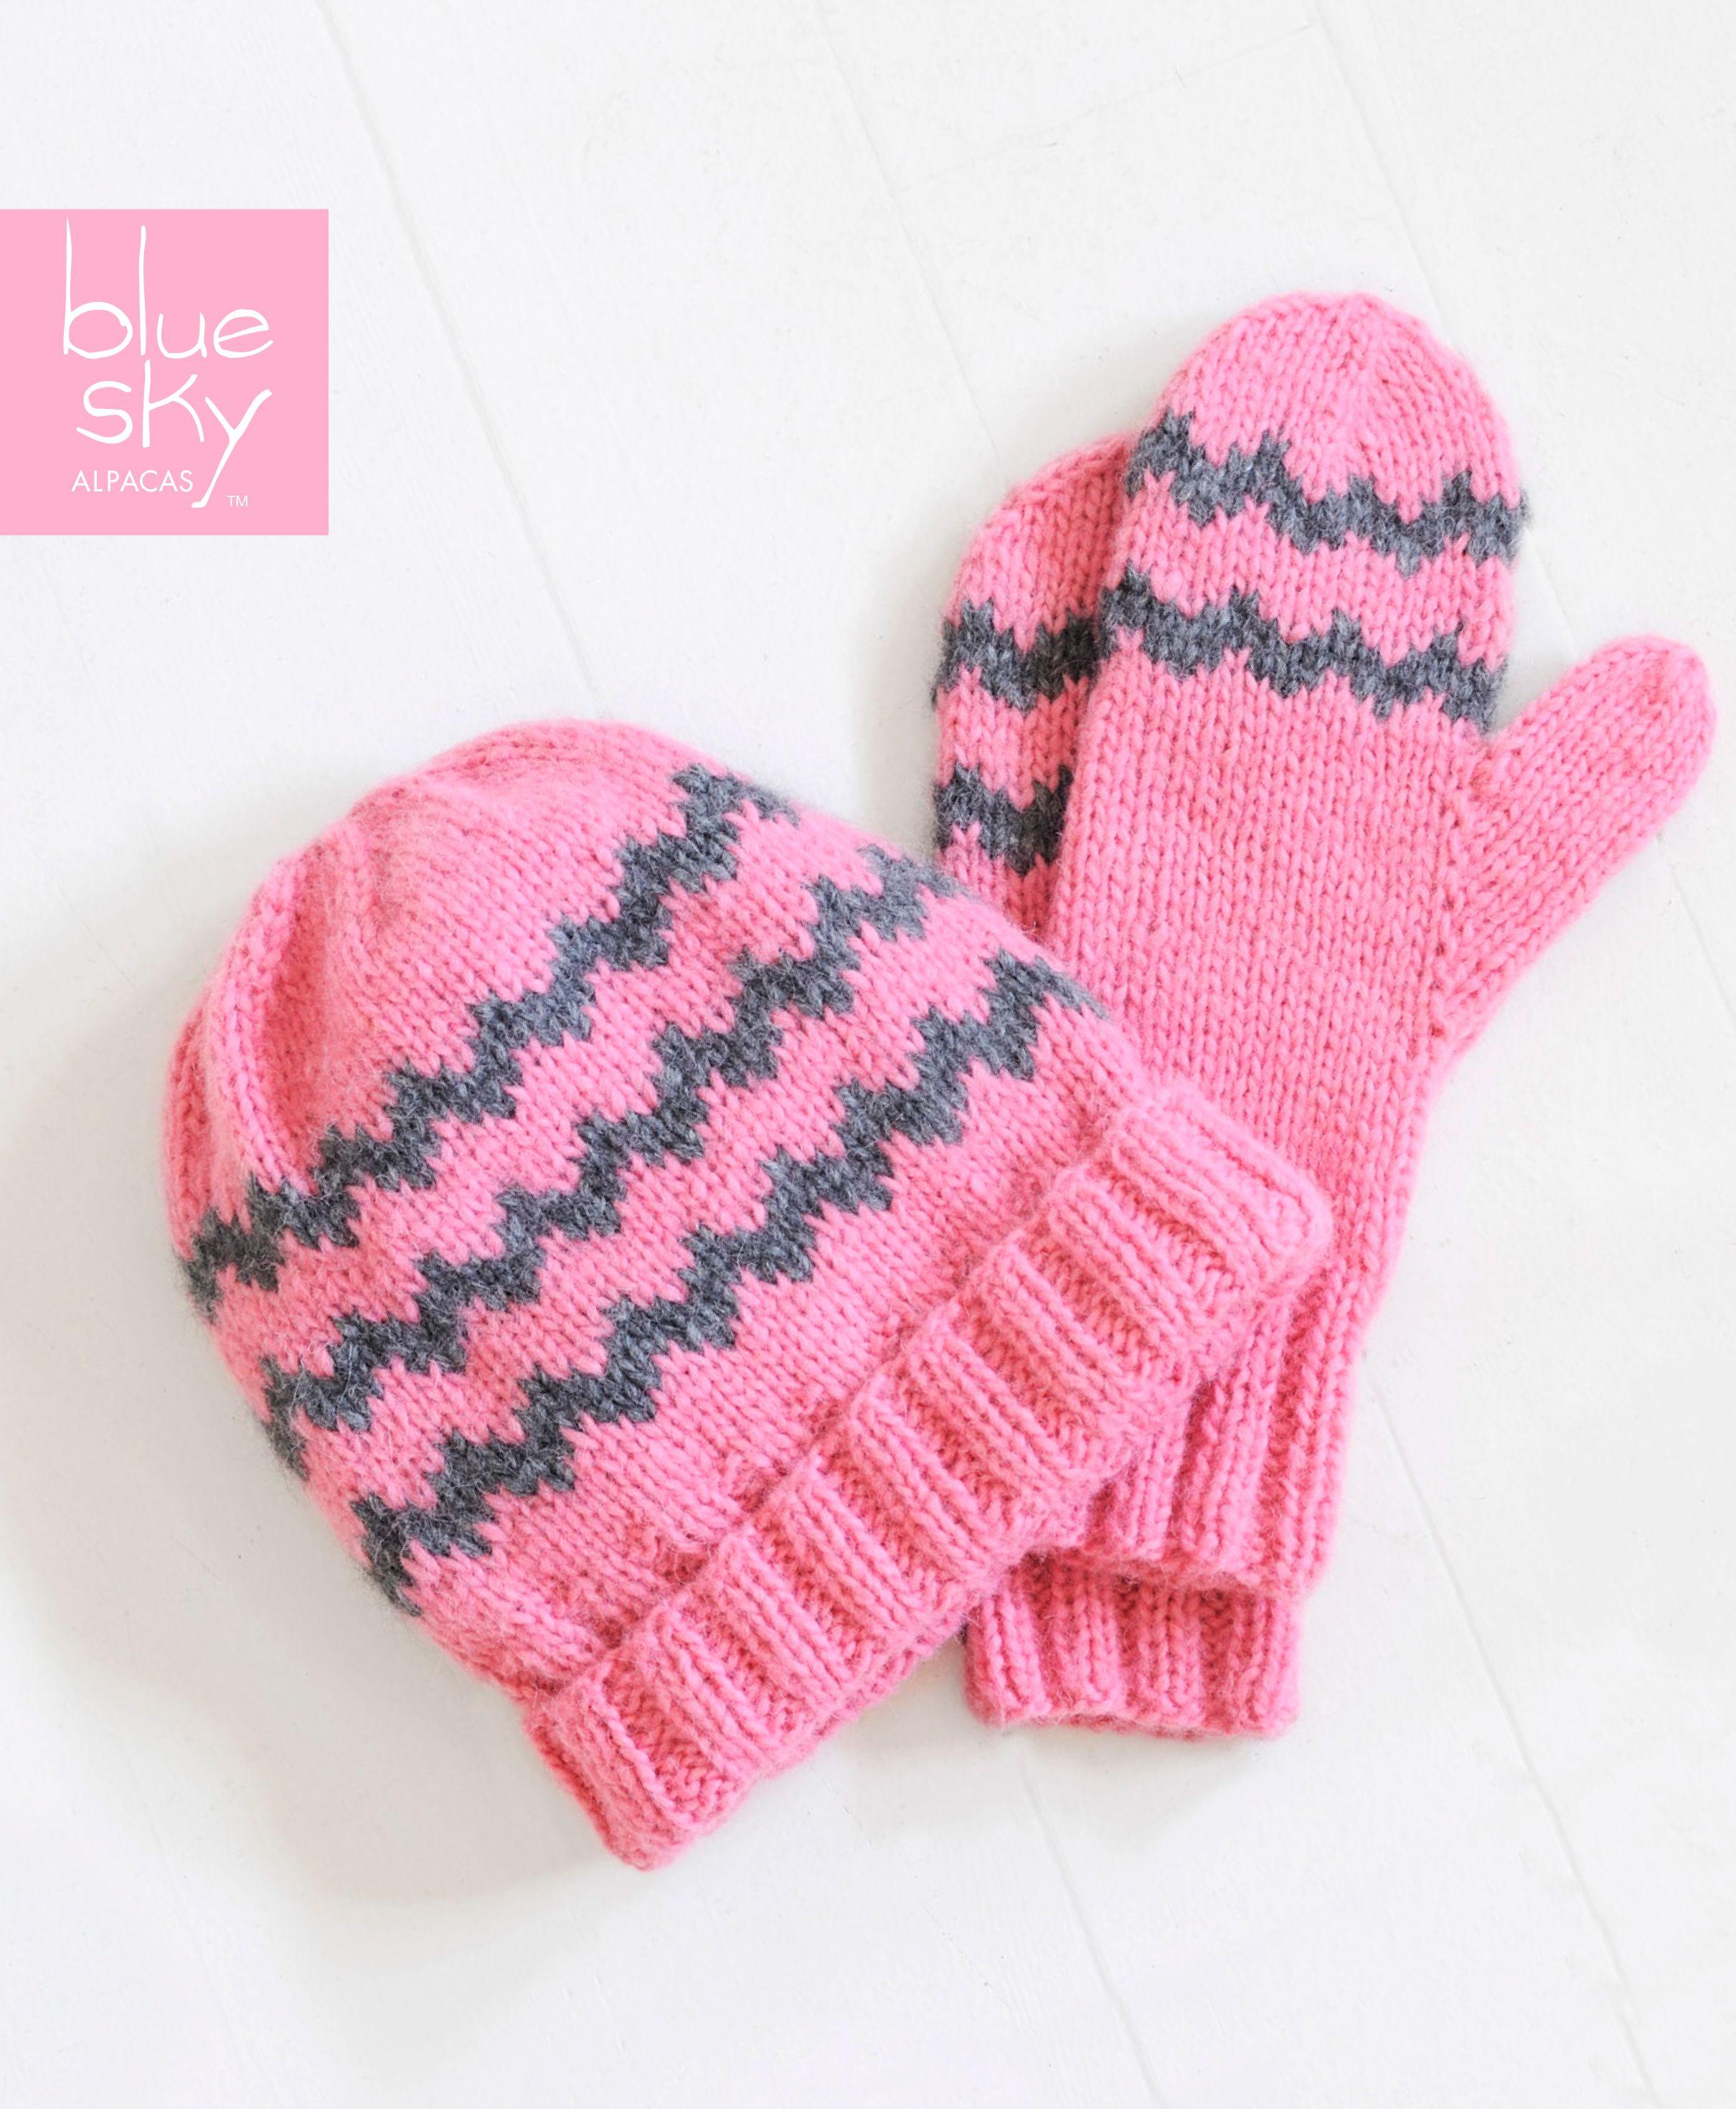 Blue Sky Alpacas Zig Zag Mittens & Hat - free pattern knit in Blue ...